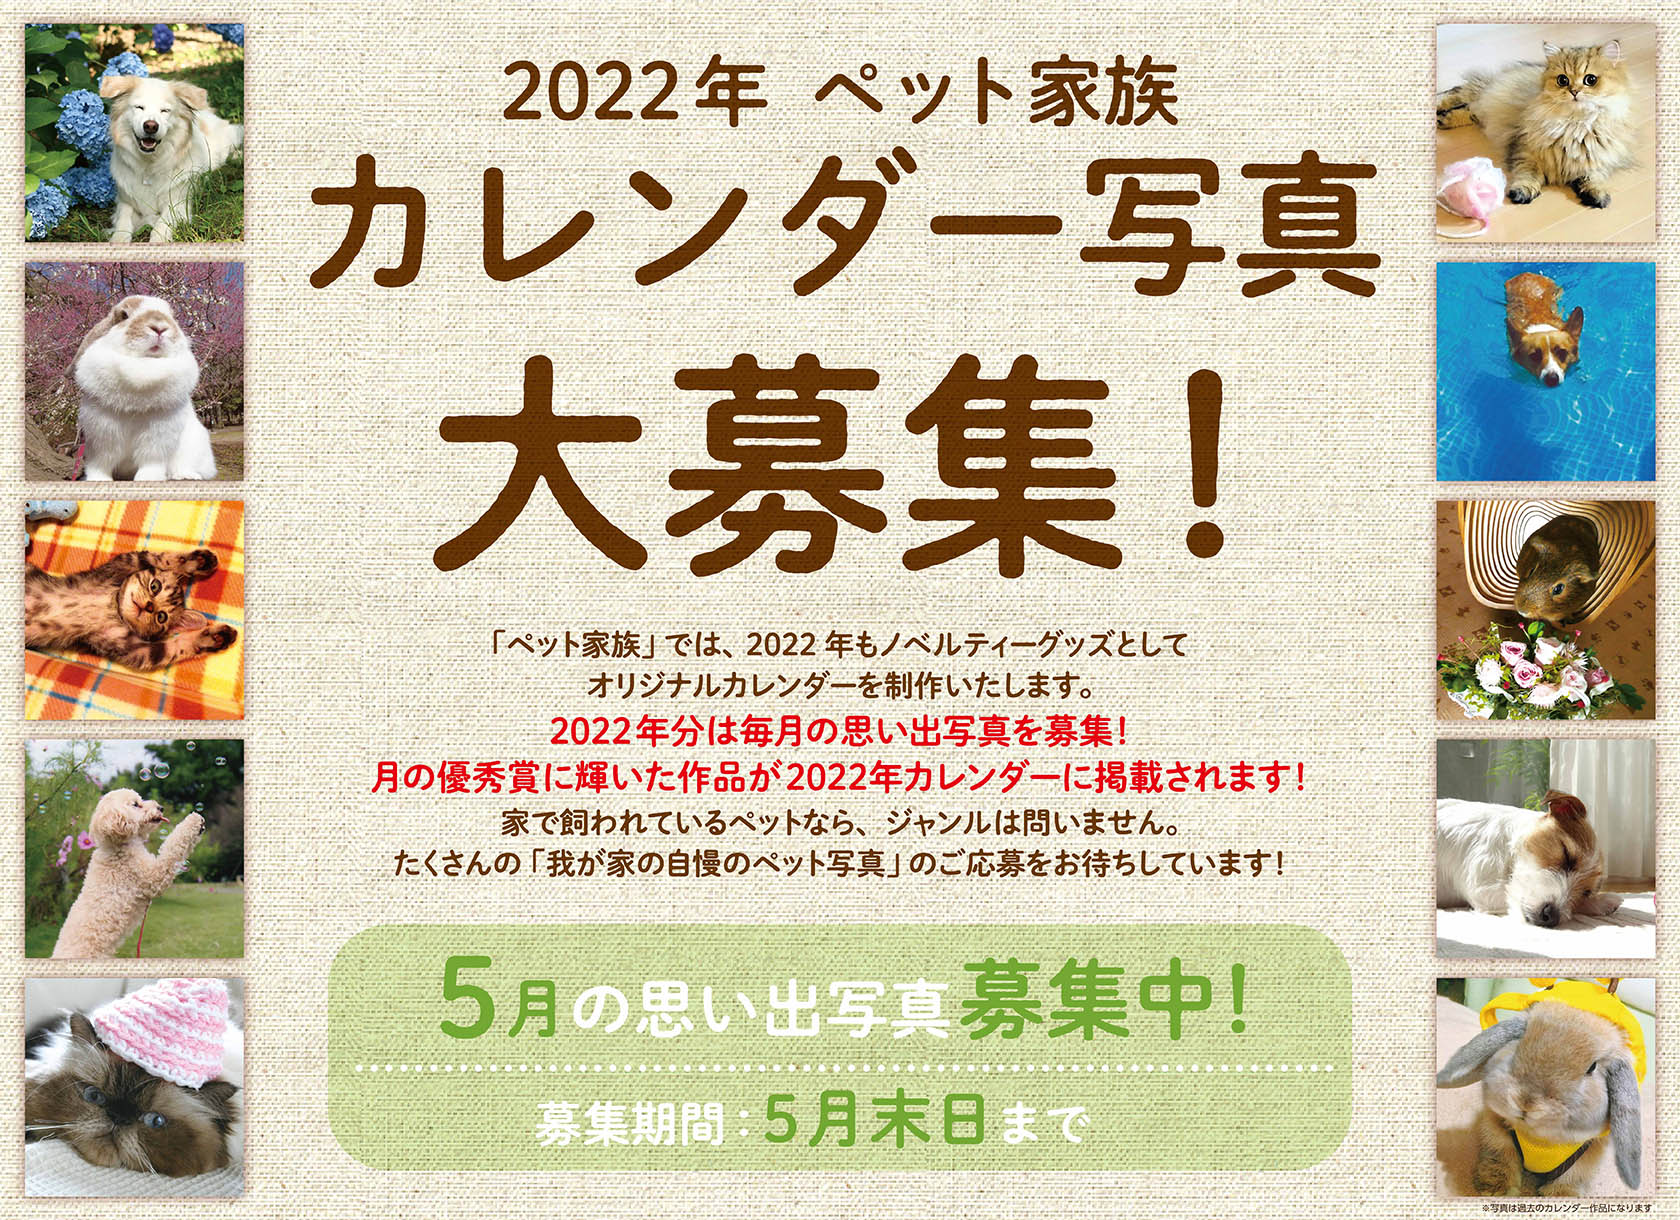 2022年 ペット家族 カレンダー写真大募集!